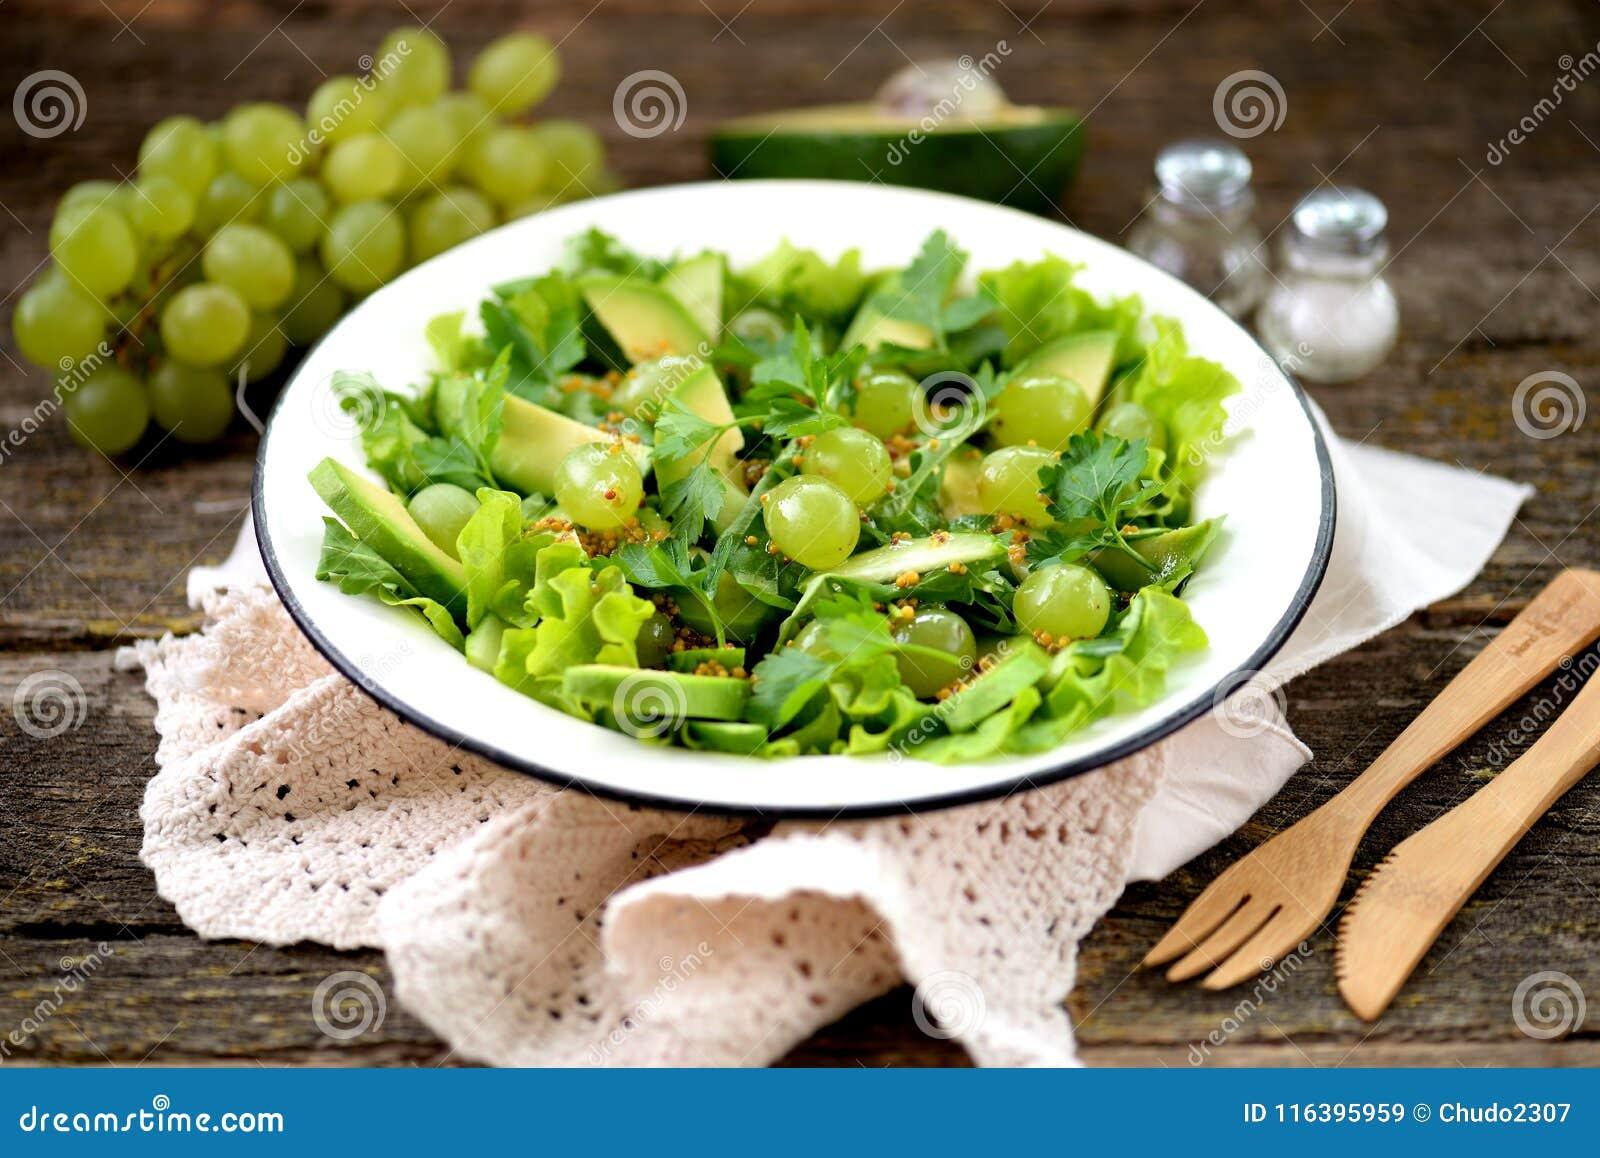 Salade verte saine d avocat, de concombre, de raisins, de persil et de laitue avec le habillage, le vinaigre balsamique et le gra